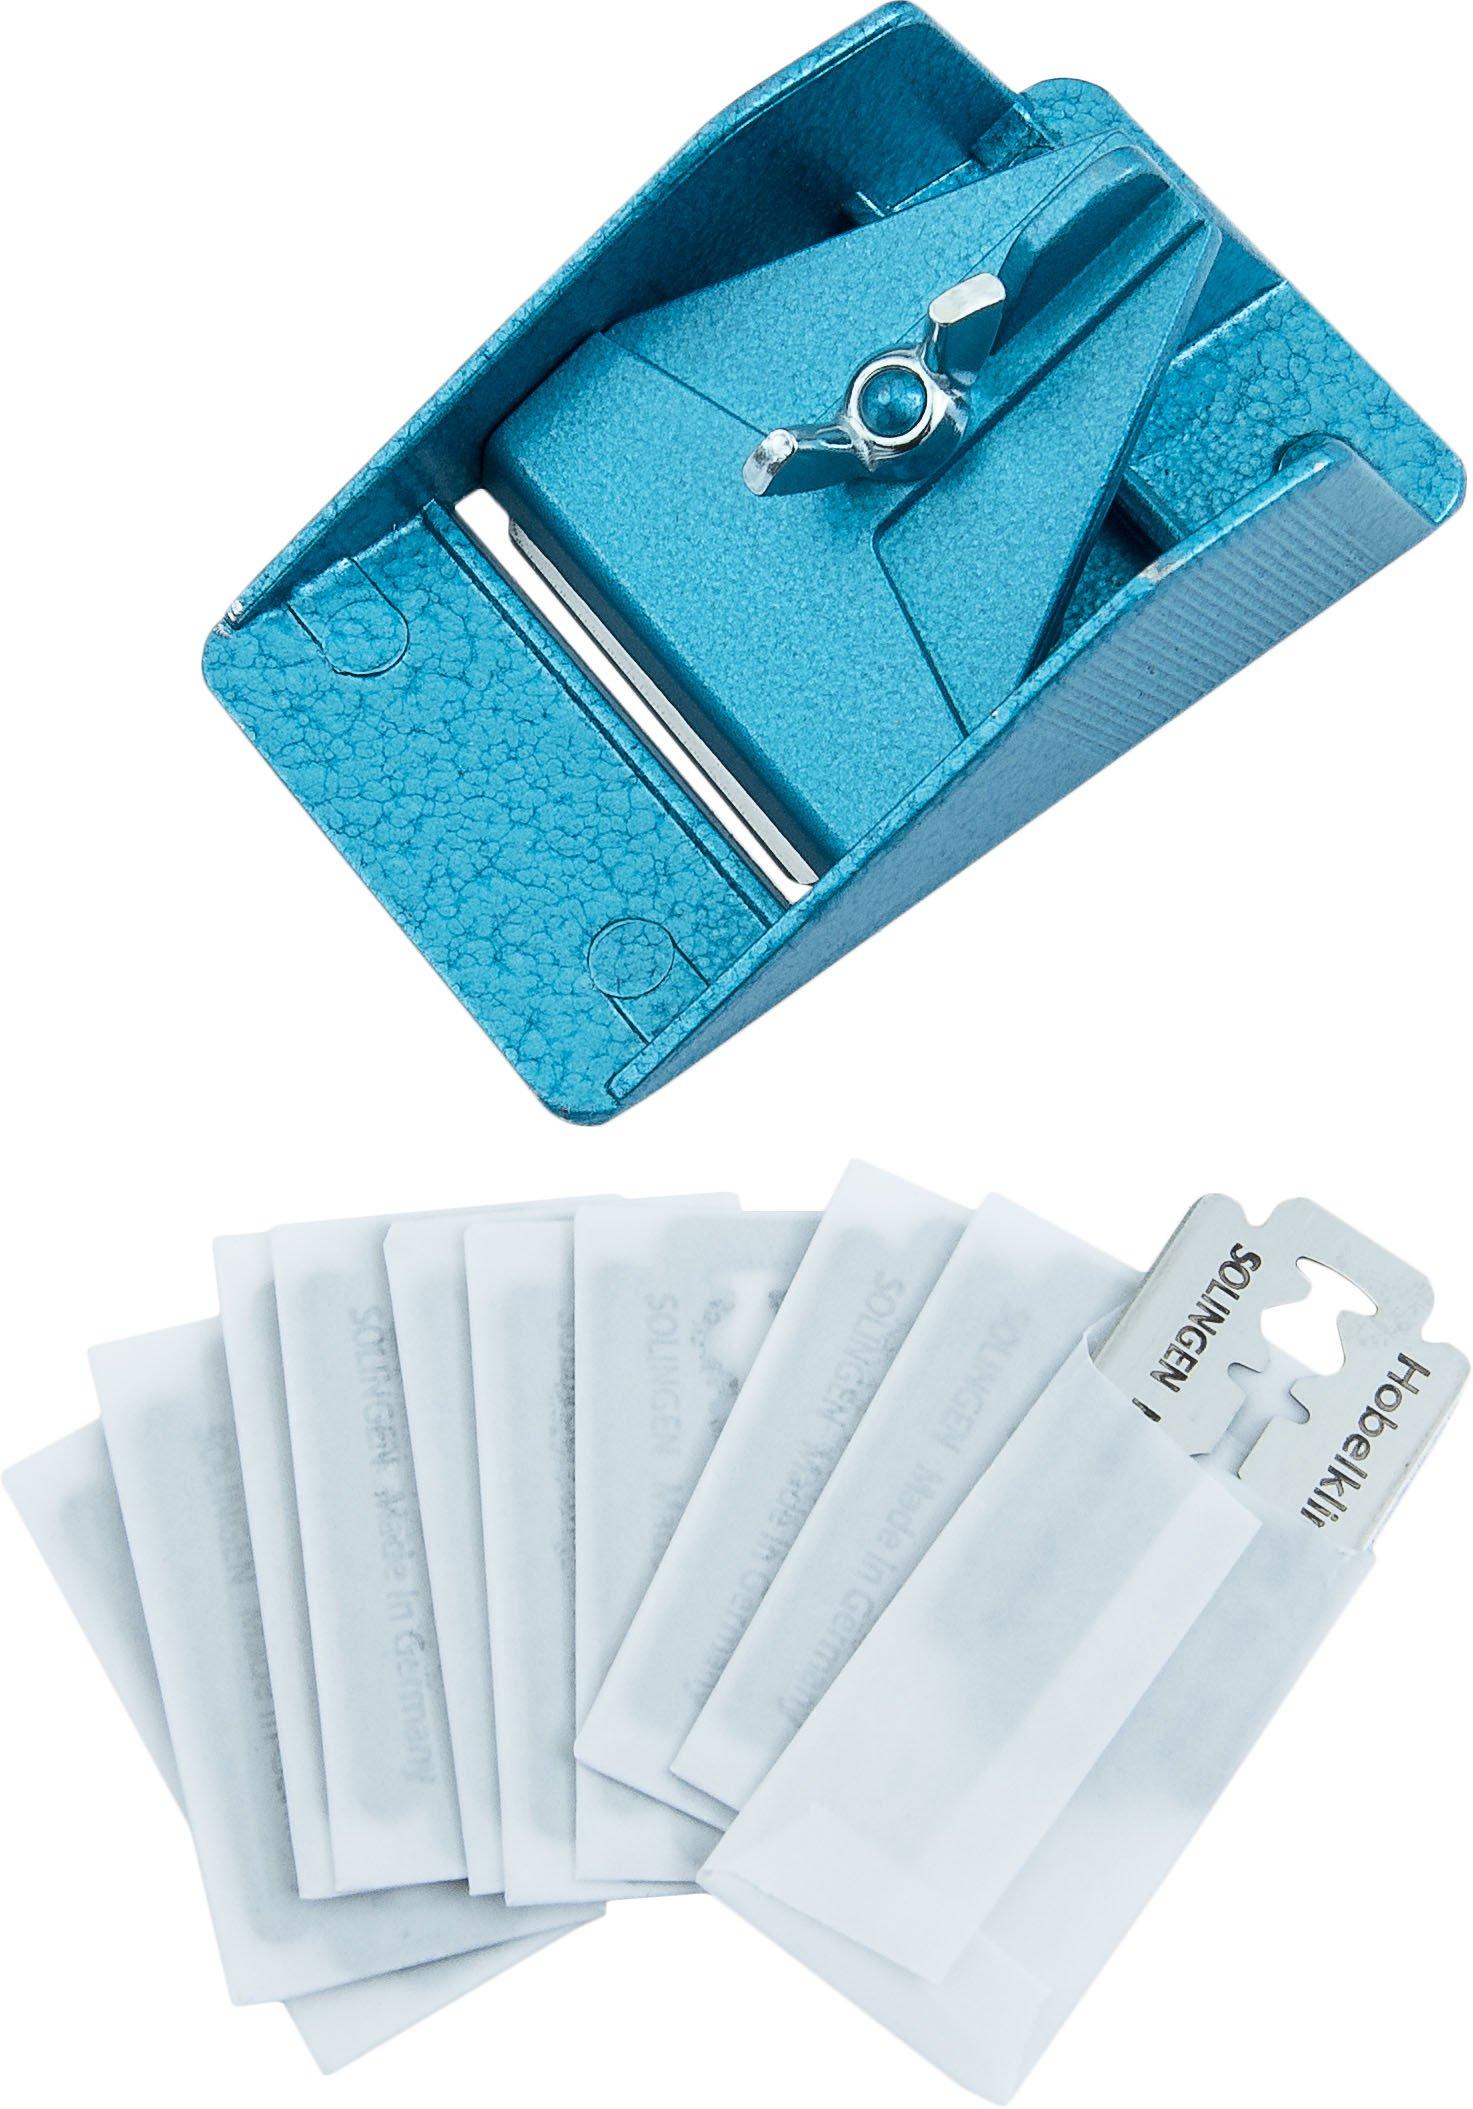 Connex COXT898000 Pocket Plane Spare Blades, Set of 11 Pieces